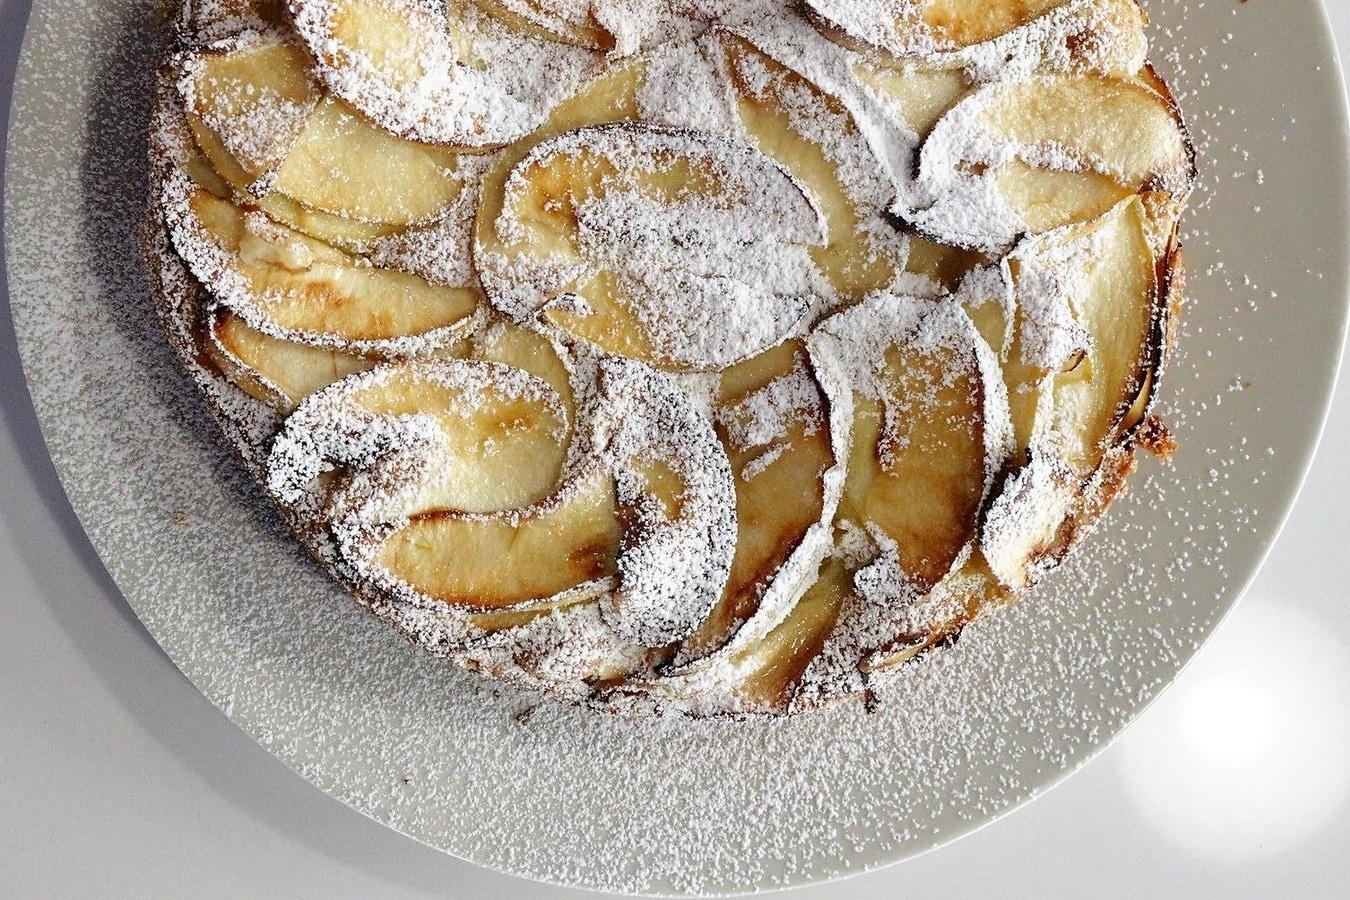 corso di pasticceria di base a torino scuola di cucina pasticceria torta di mele torte da credenza scuola di cucina la palestra del cibo torino